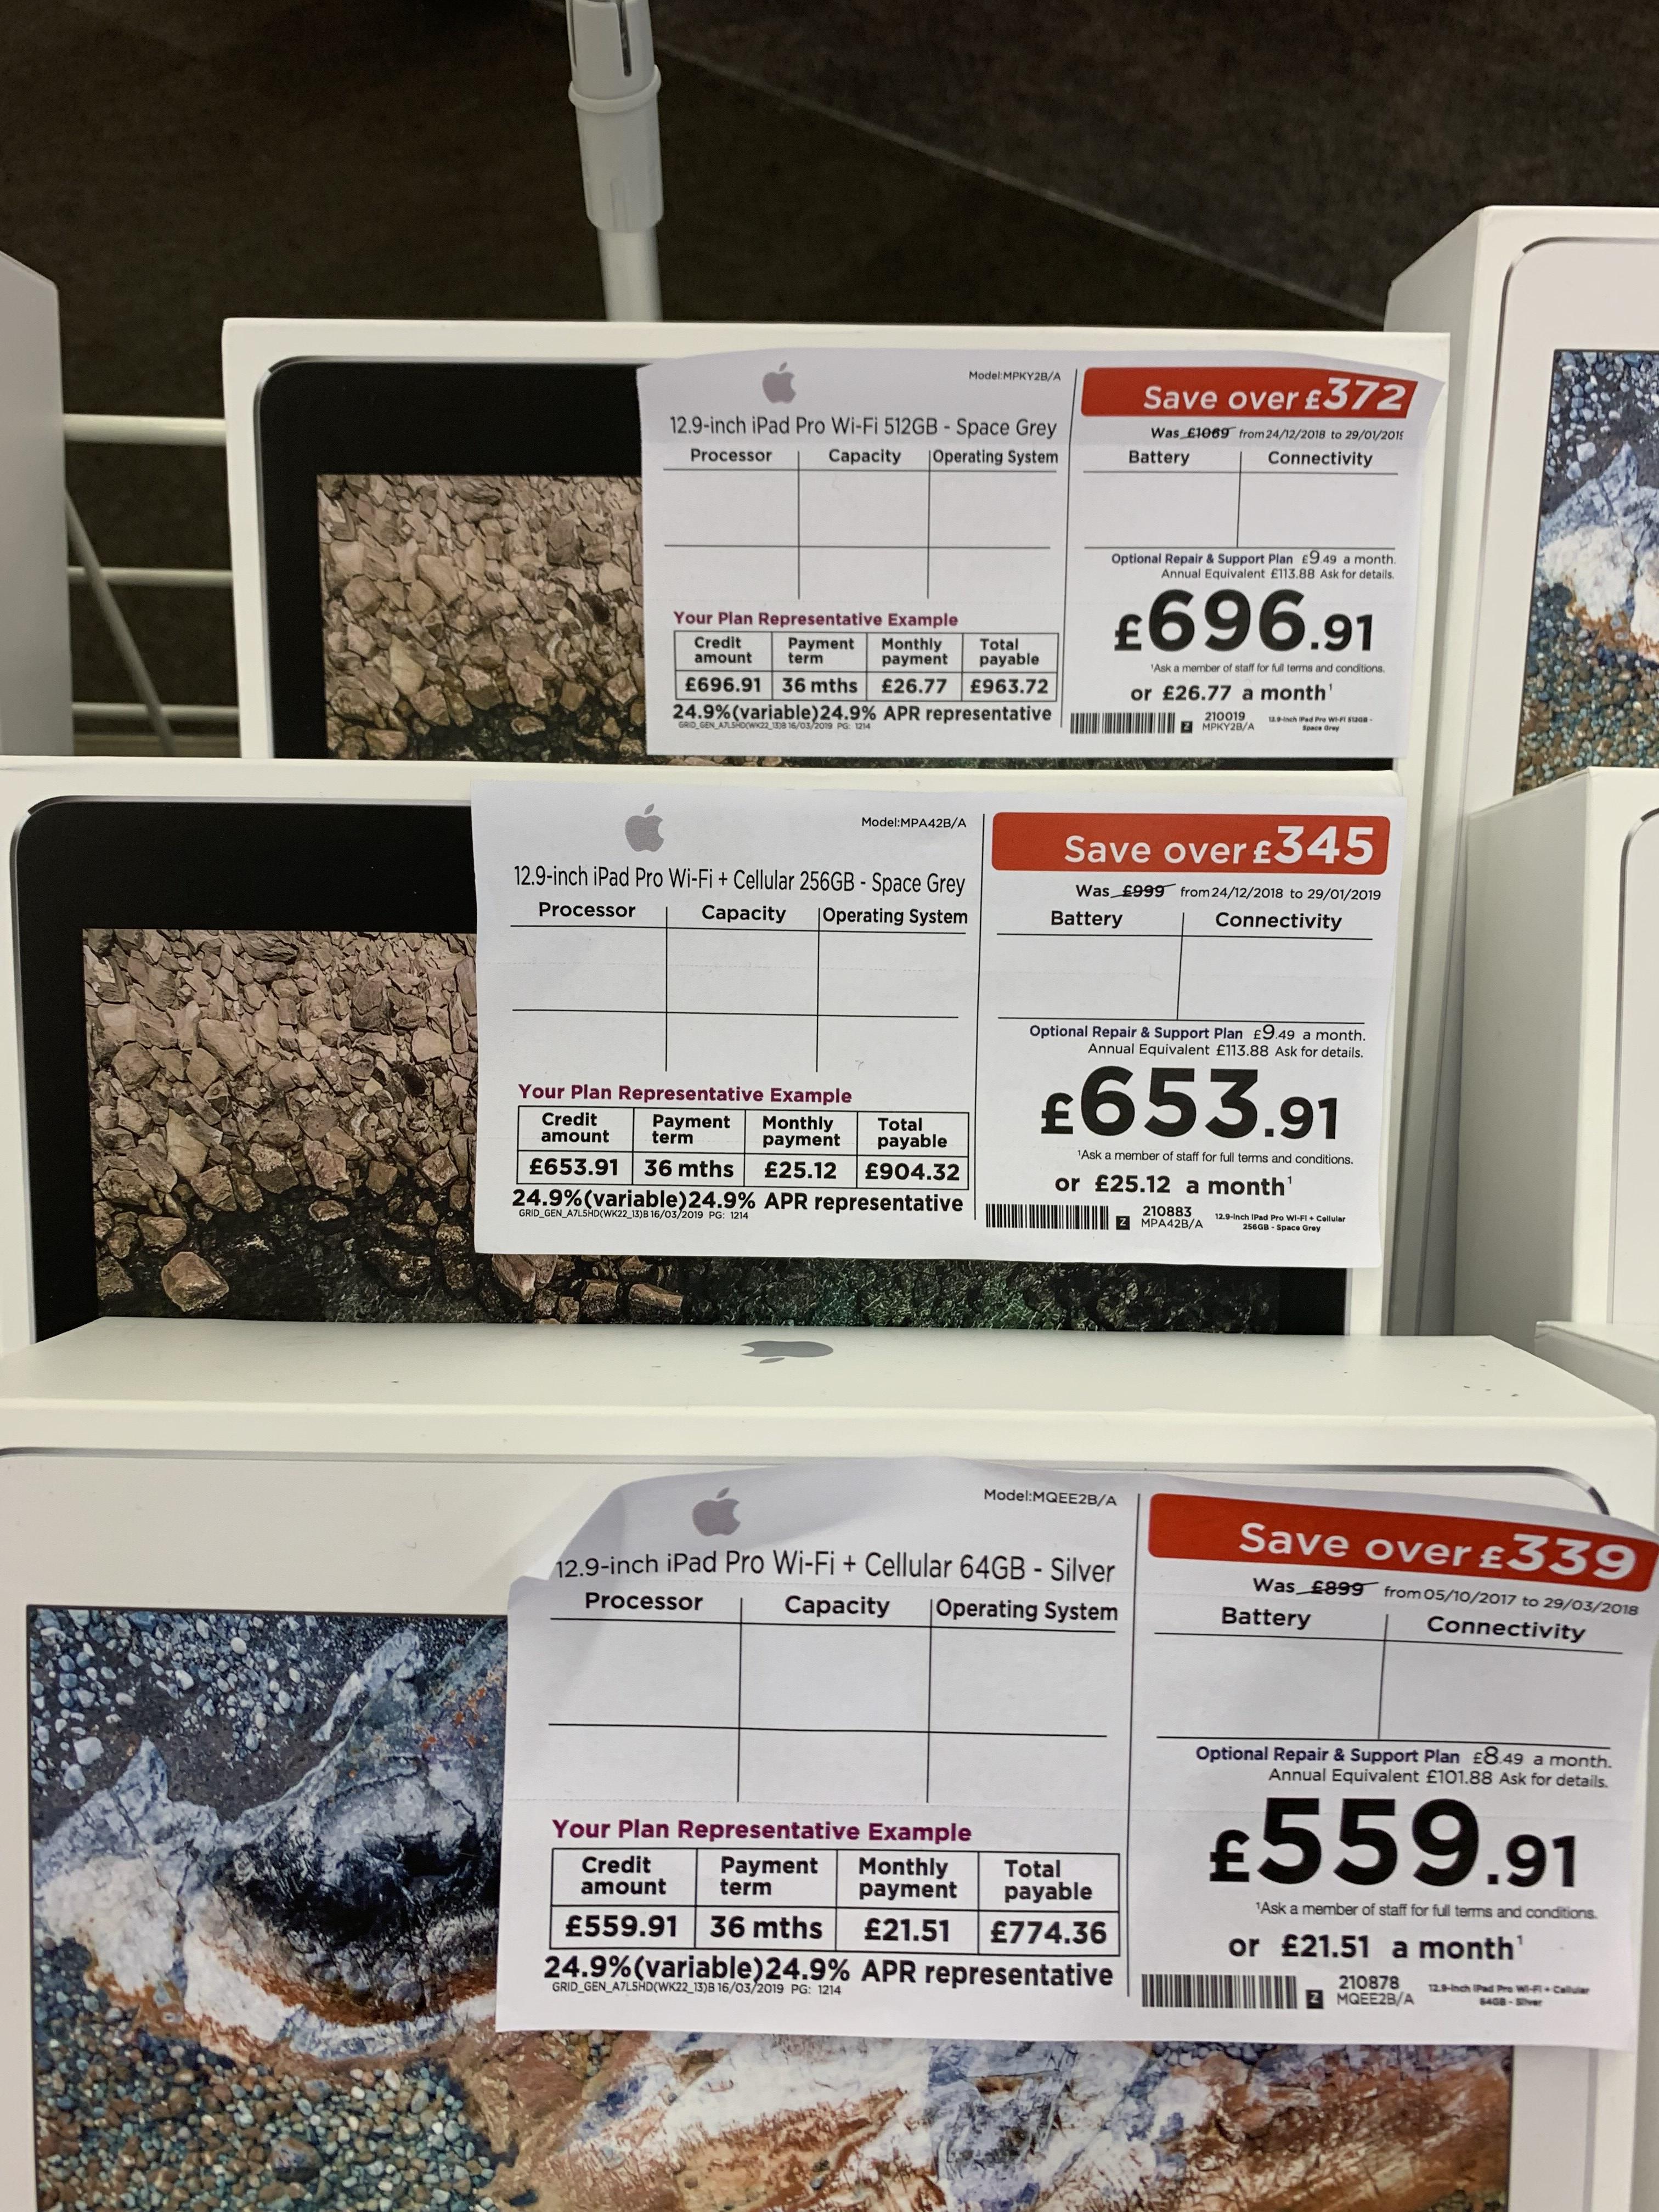 ab4efa151c6 £300 off last generation iPad Pro 12.9 inch £559.91 in Currys PC World  Crawley